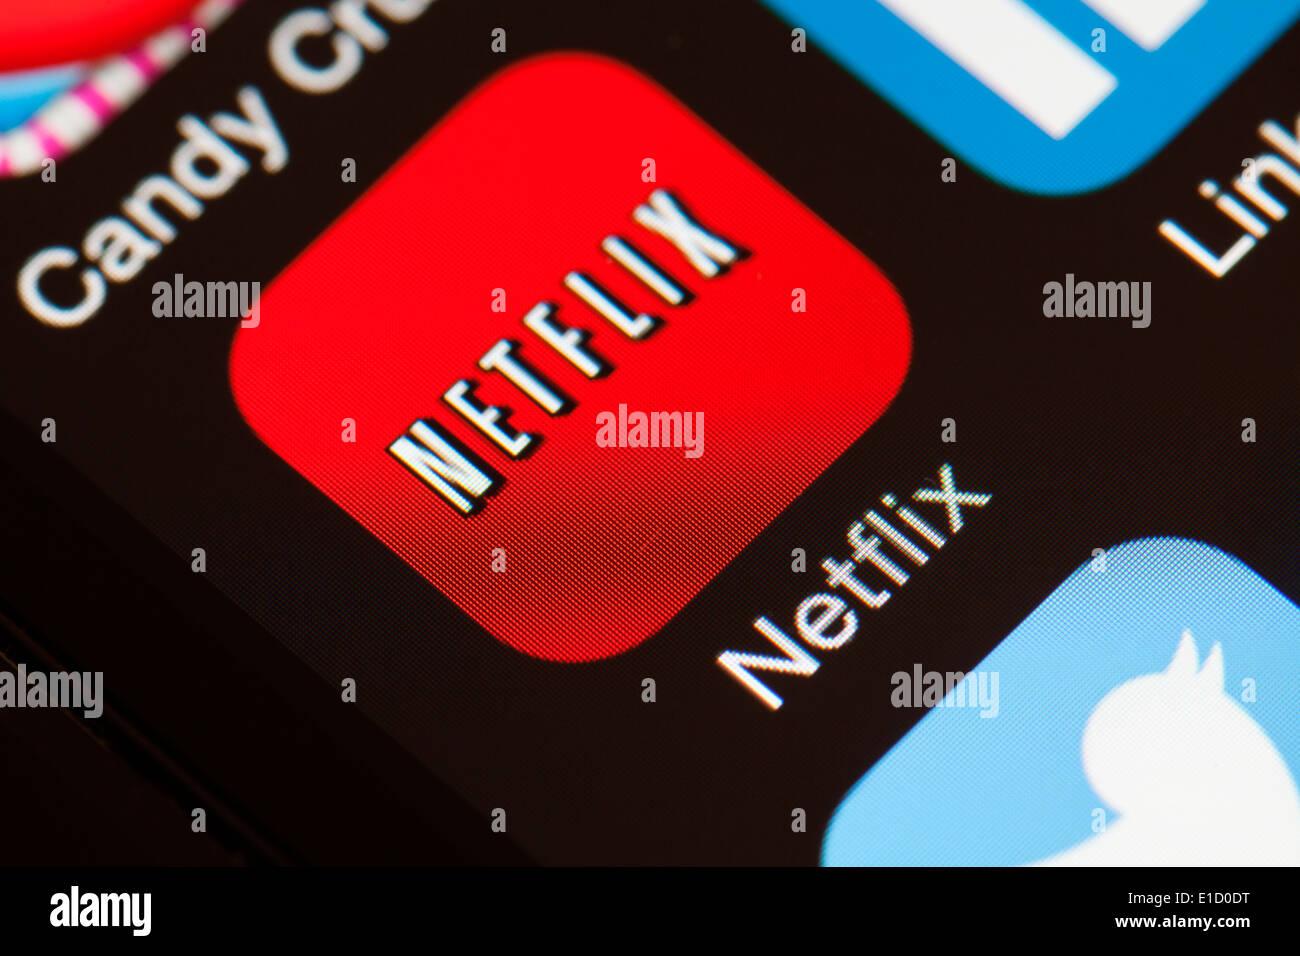 Icône de l'application Netflix sur téléphone mobile. Photo Stock